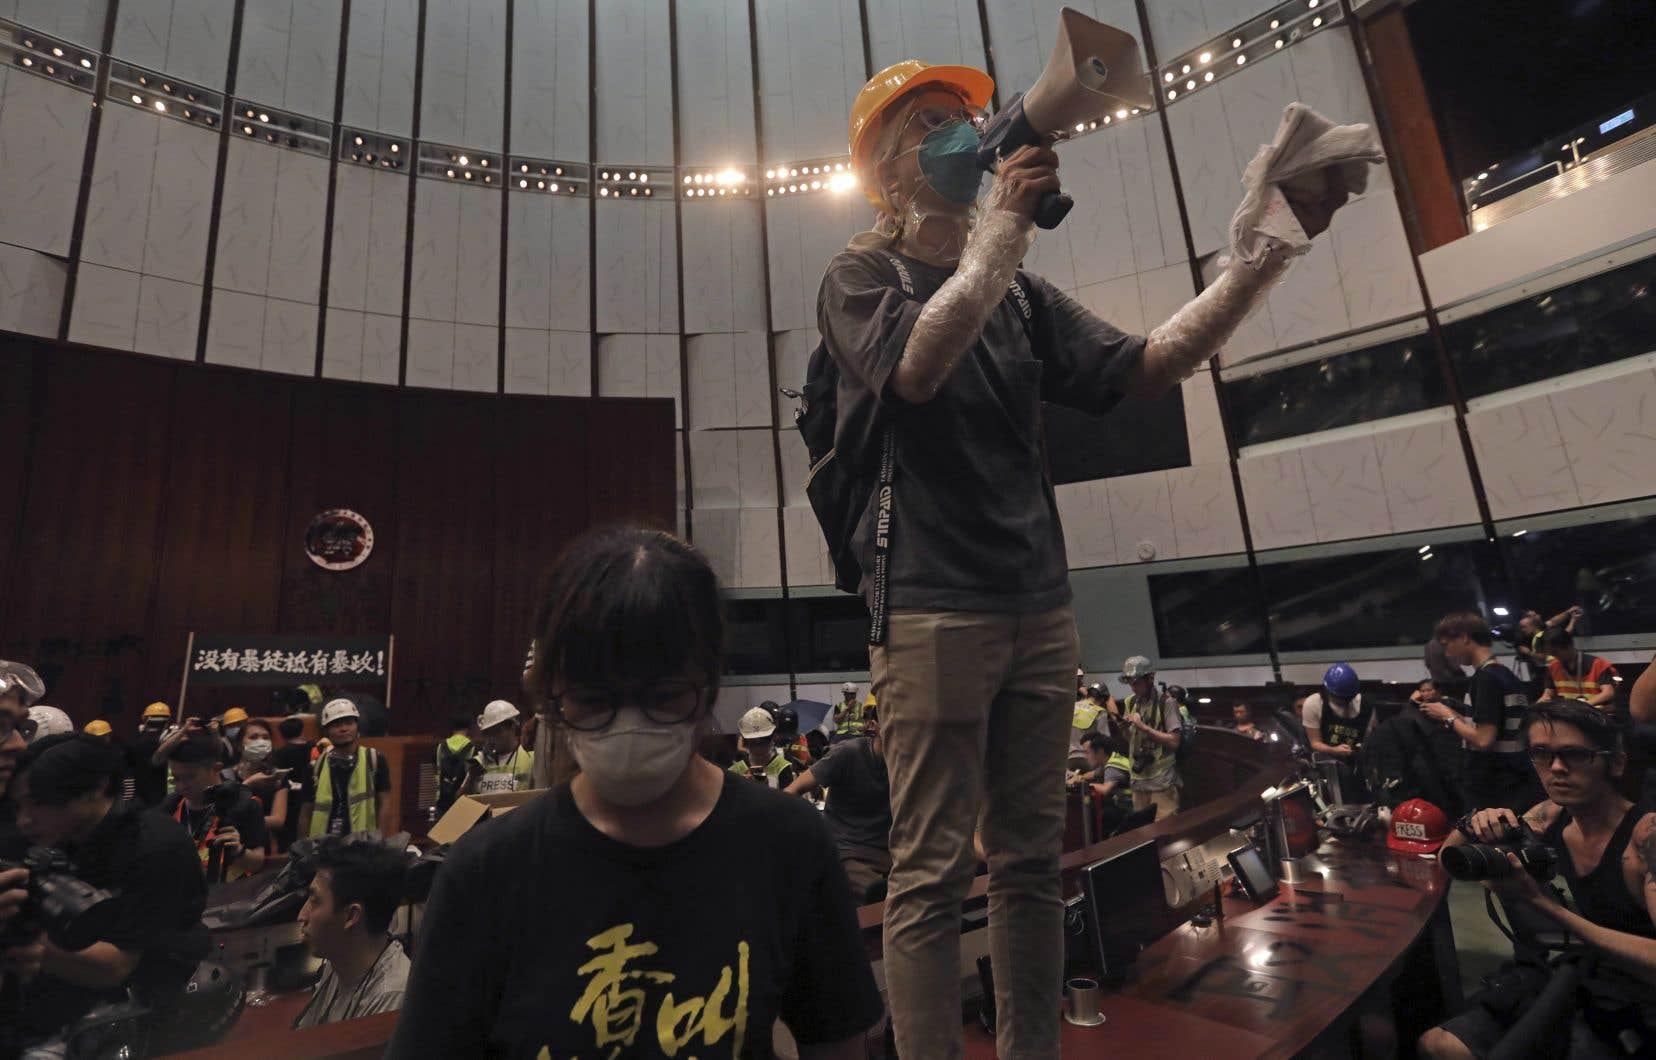 L'hémicycle du parlement hongkongais a été occupé et saccagé lundi durant plusieurs heures par des manifestants anti-Pékin — parfois casqués ou masqués —, qui ont forcé un barrage de police, au jour anniversaire de la rétrocession de l'île à la Chine, en 1997.